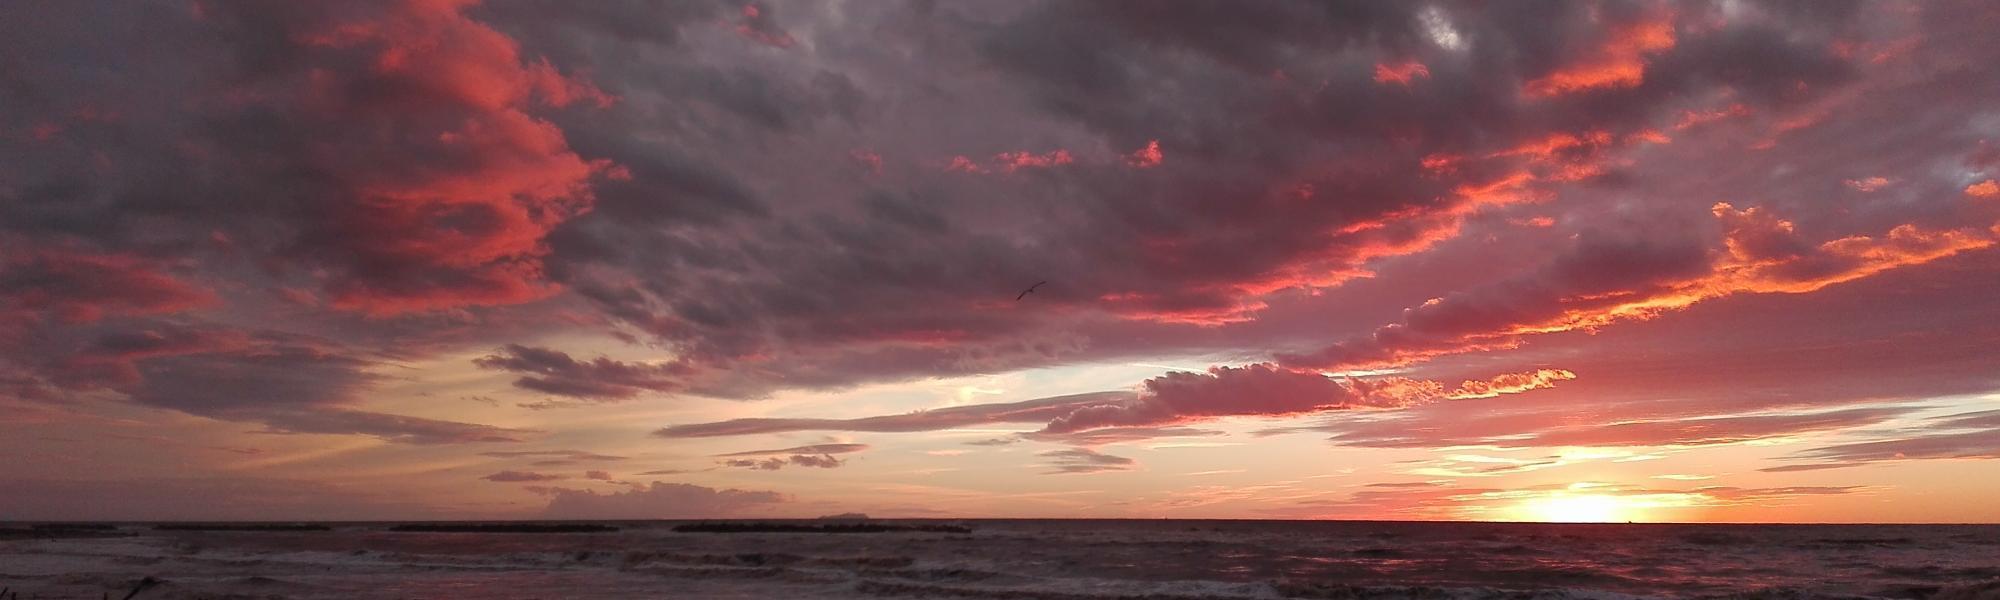 Spiaggia al tramonto (Parco Regionale Migliarino San Rossore Massaciuccoli)